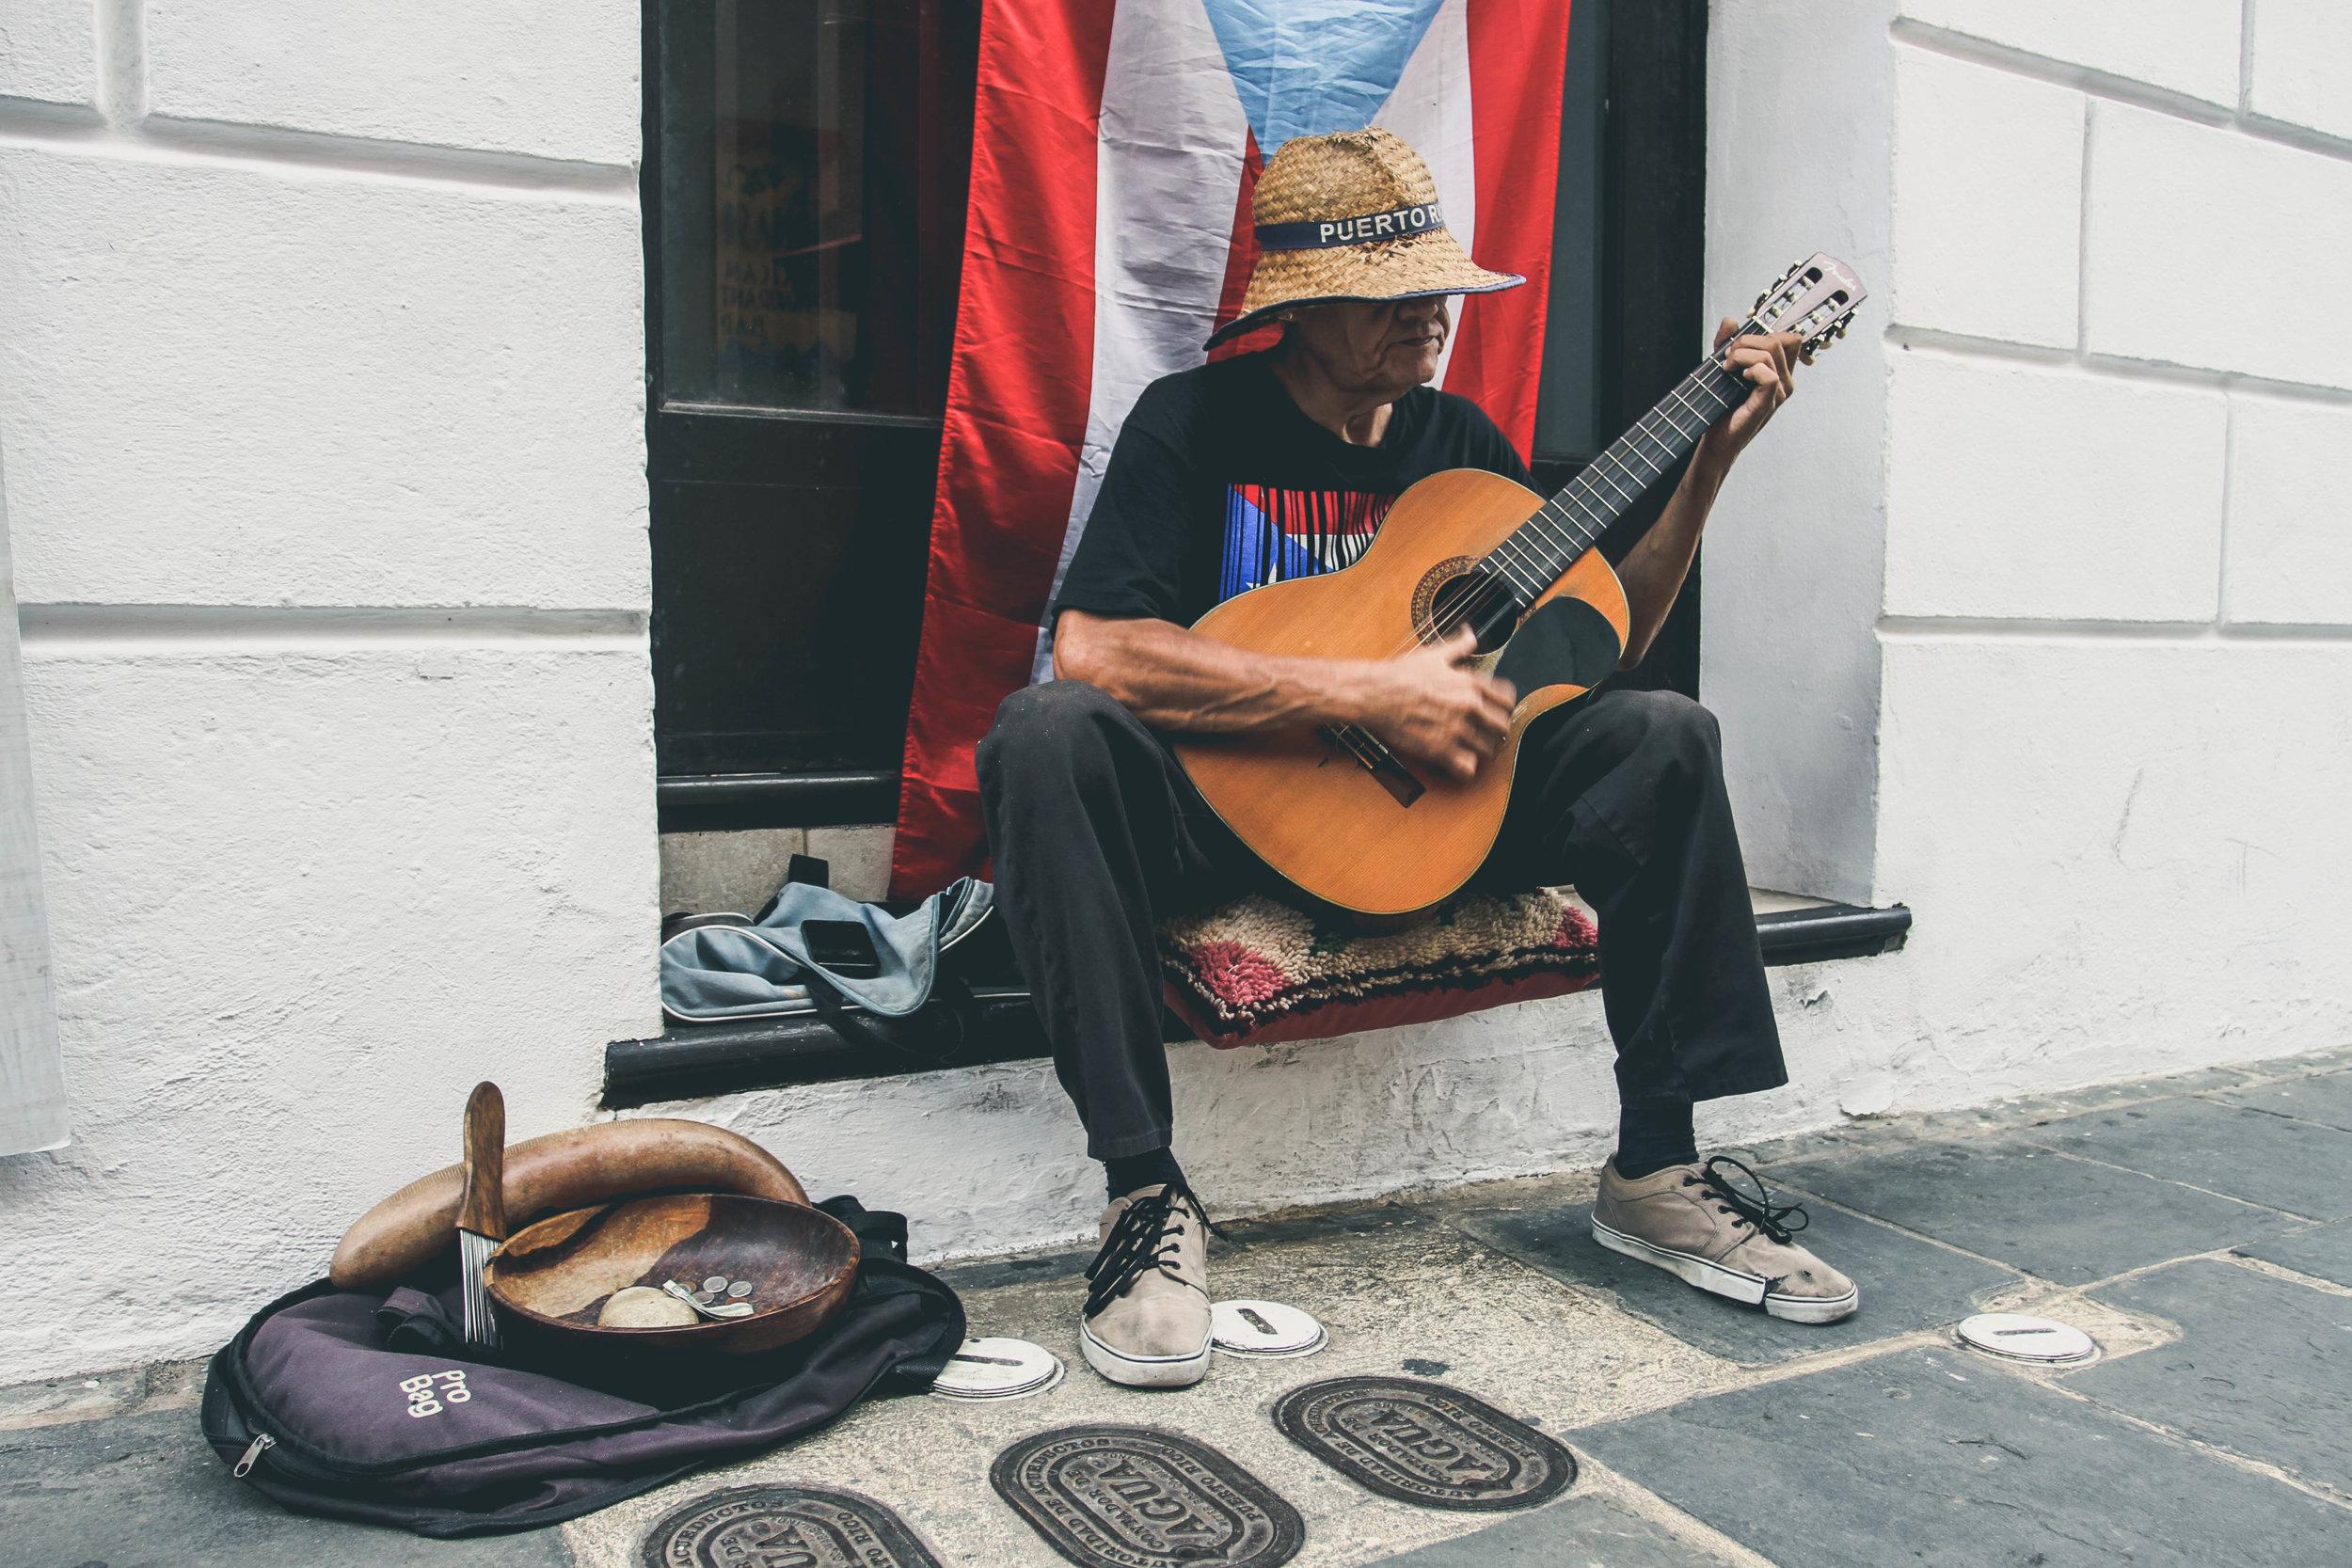 Old San Juan, PR 2017